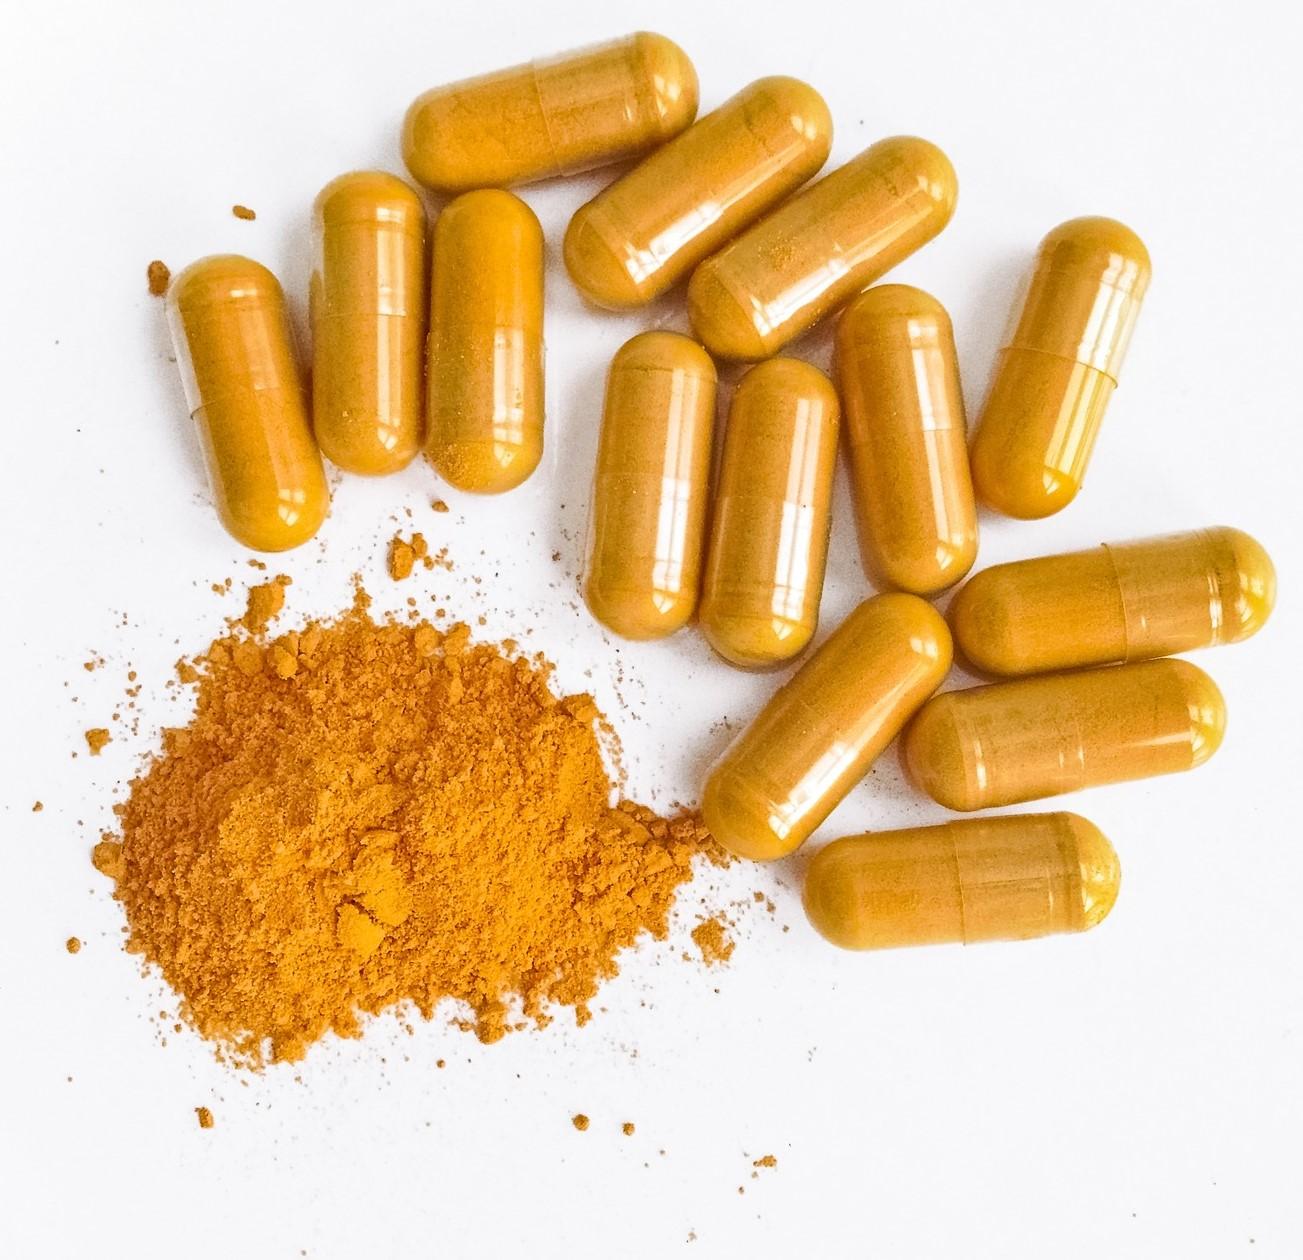 curcumin in capsules